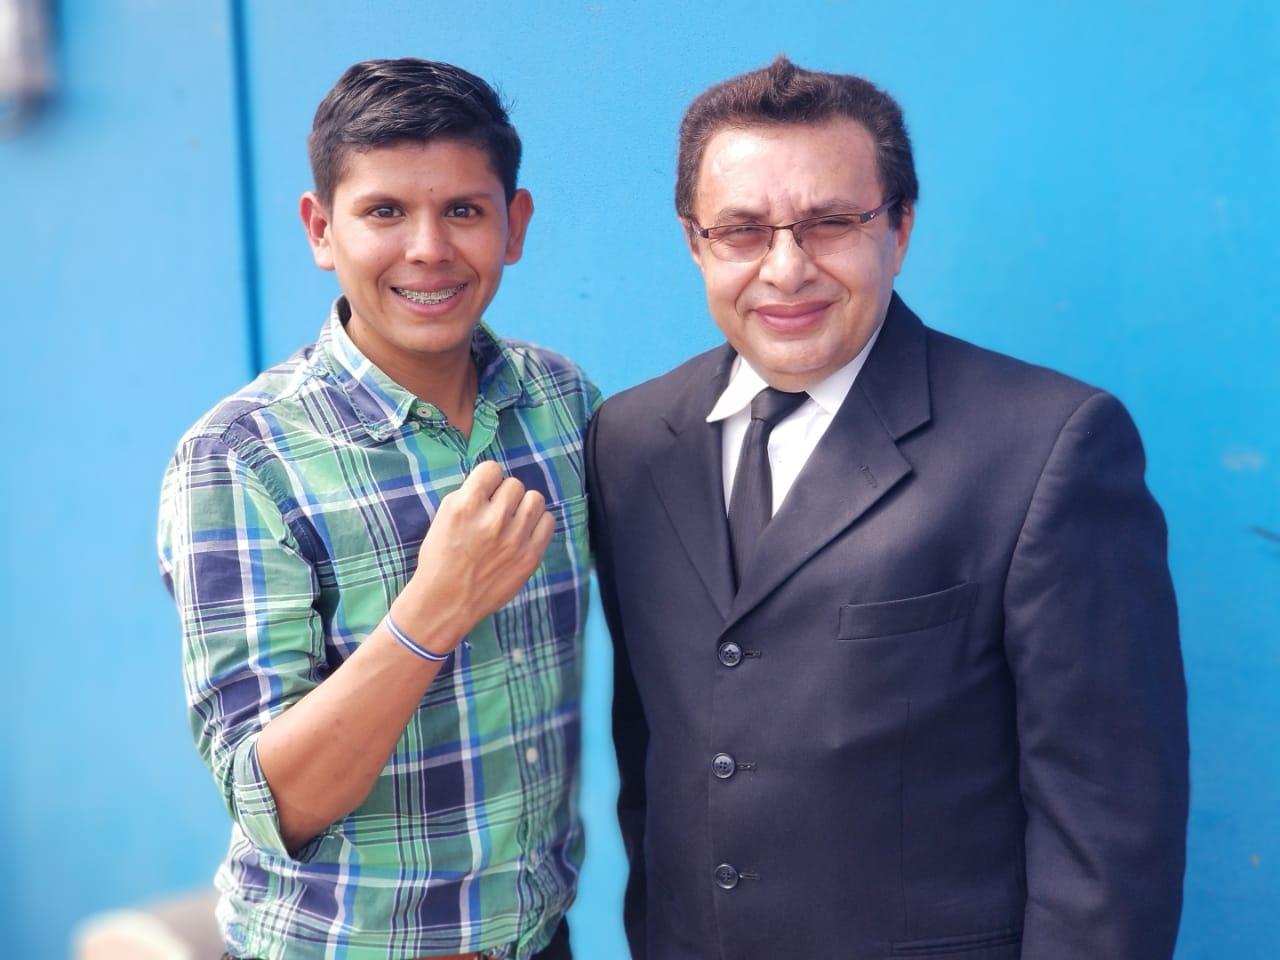 Ulises Josué Rivas y el abogado Julio Montenegro. Foto: Wilmer Benavidez/Abogados Defensores del Pueblo.